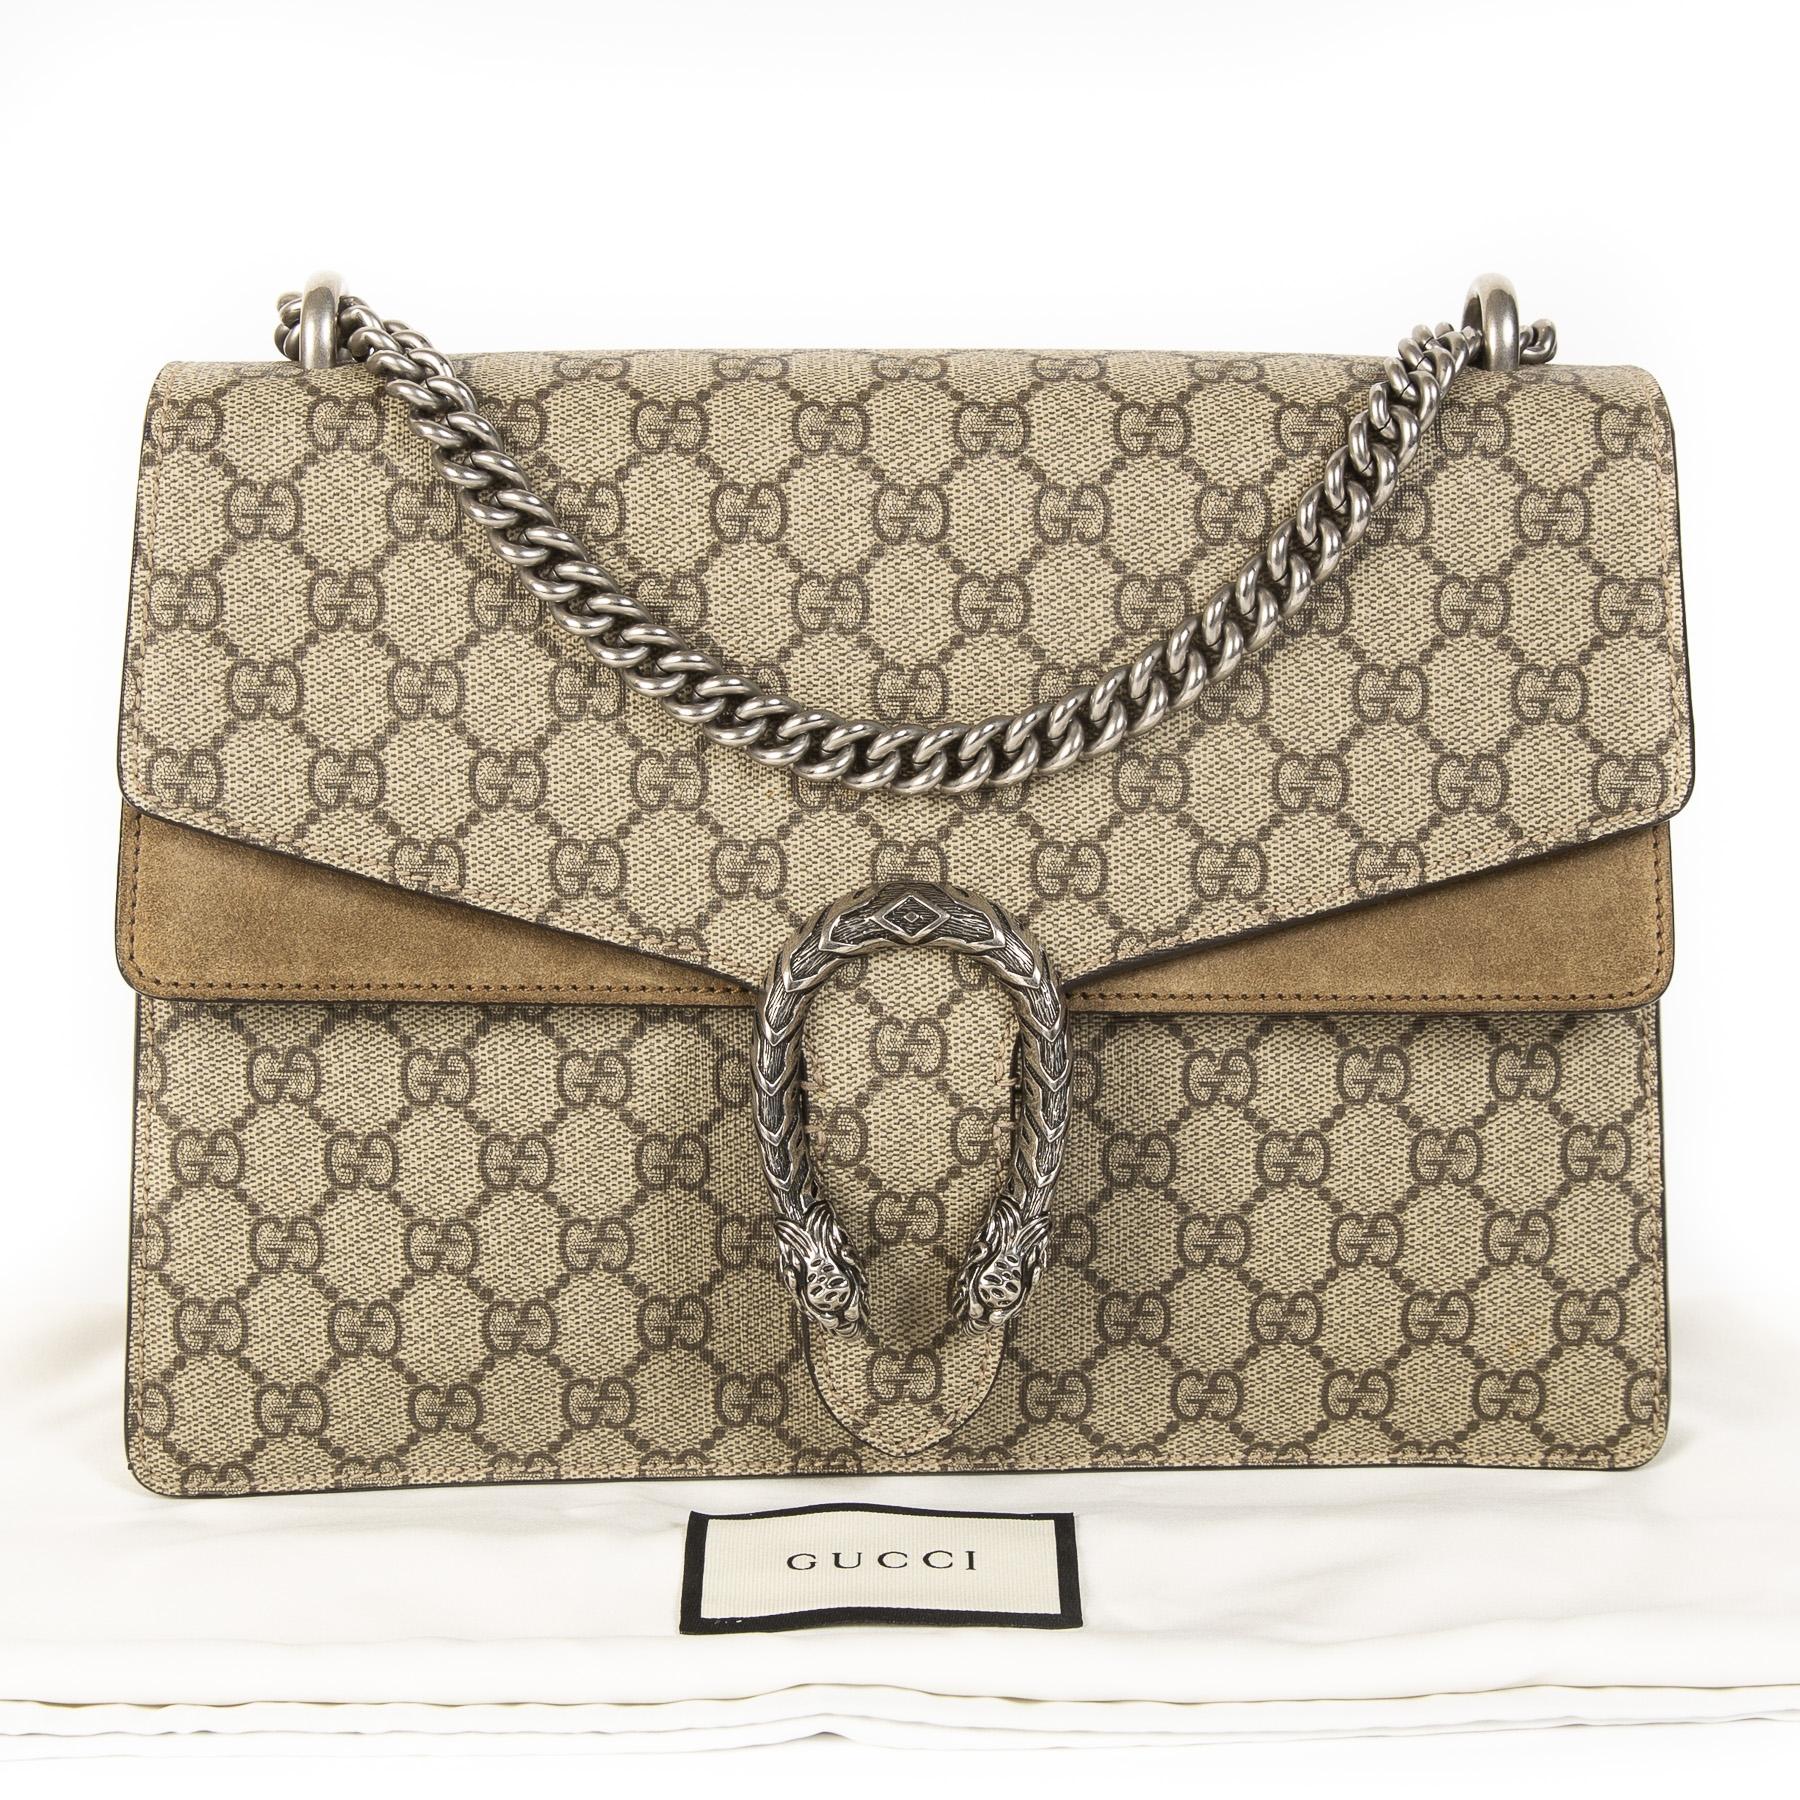 0671f2a1d8d1 Koop een Gucci Dionysus schoudertas aan de juiste prijs bij LabelLOV  vintage webshop.